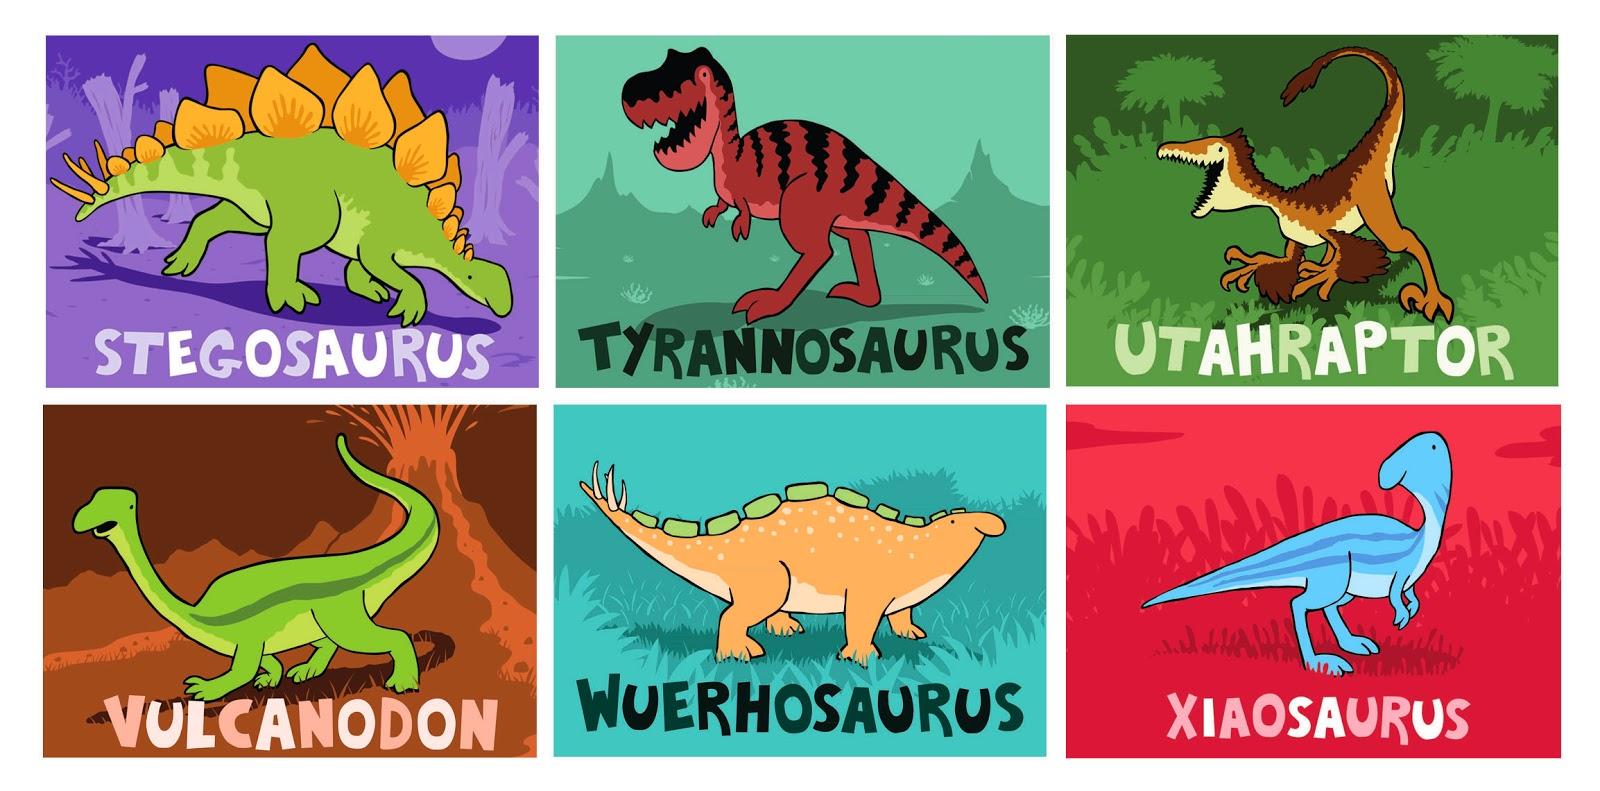 Stegosaurus Tyrannosaurus Utahraptor Vulcanodon Wuerhosaurus Xiaosaurus